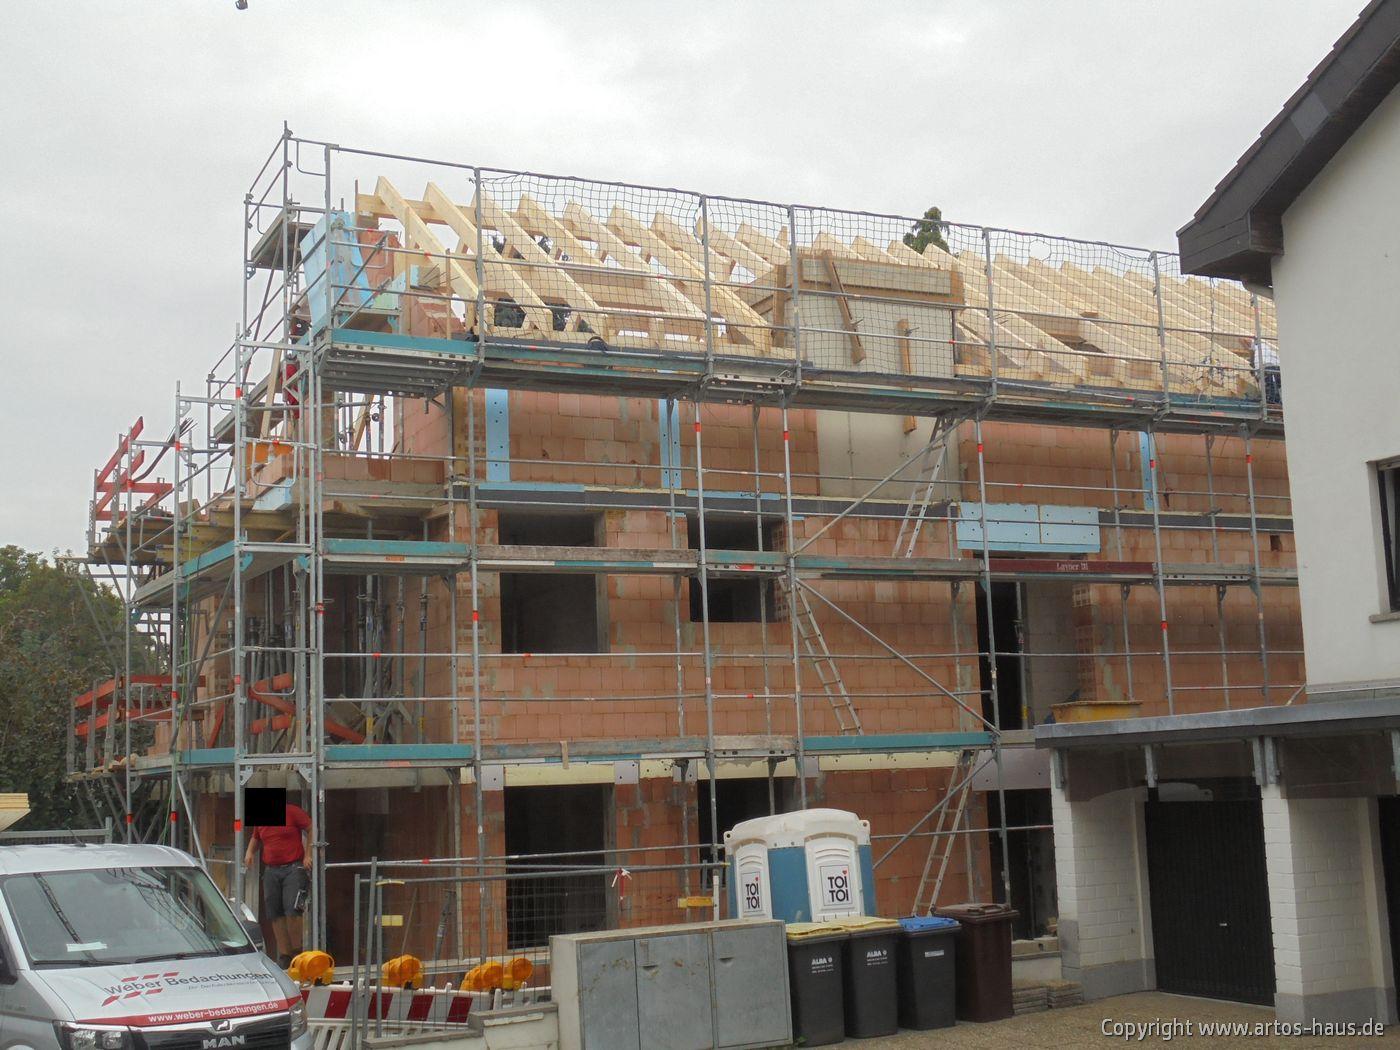 Dachgeschoss Artos Haus Pulheim, Mehrfamilienhaus Bild 6